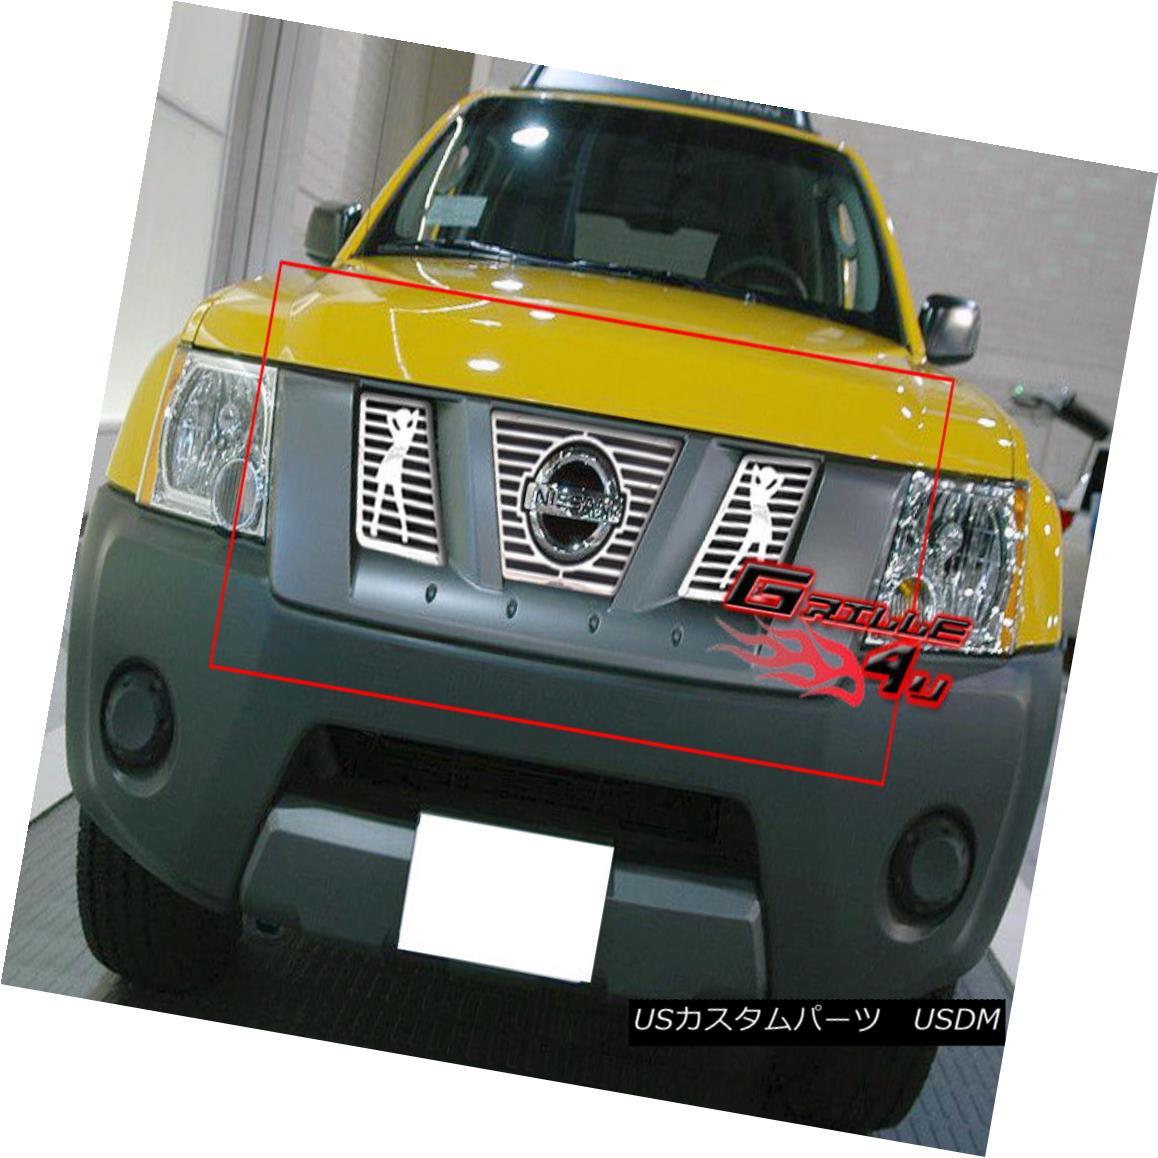 グリル Fits 2005-2008 Nissan Xterra Symbolic Grille Insert 2005-2008 Nissan Xterraシンボリックグリルインサートに適合